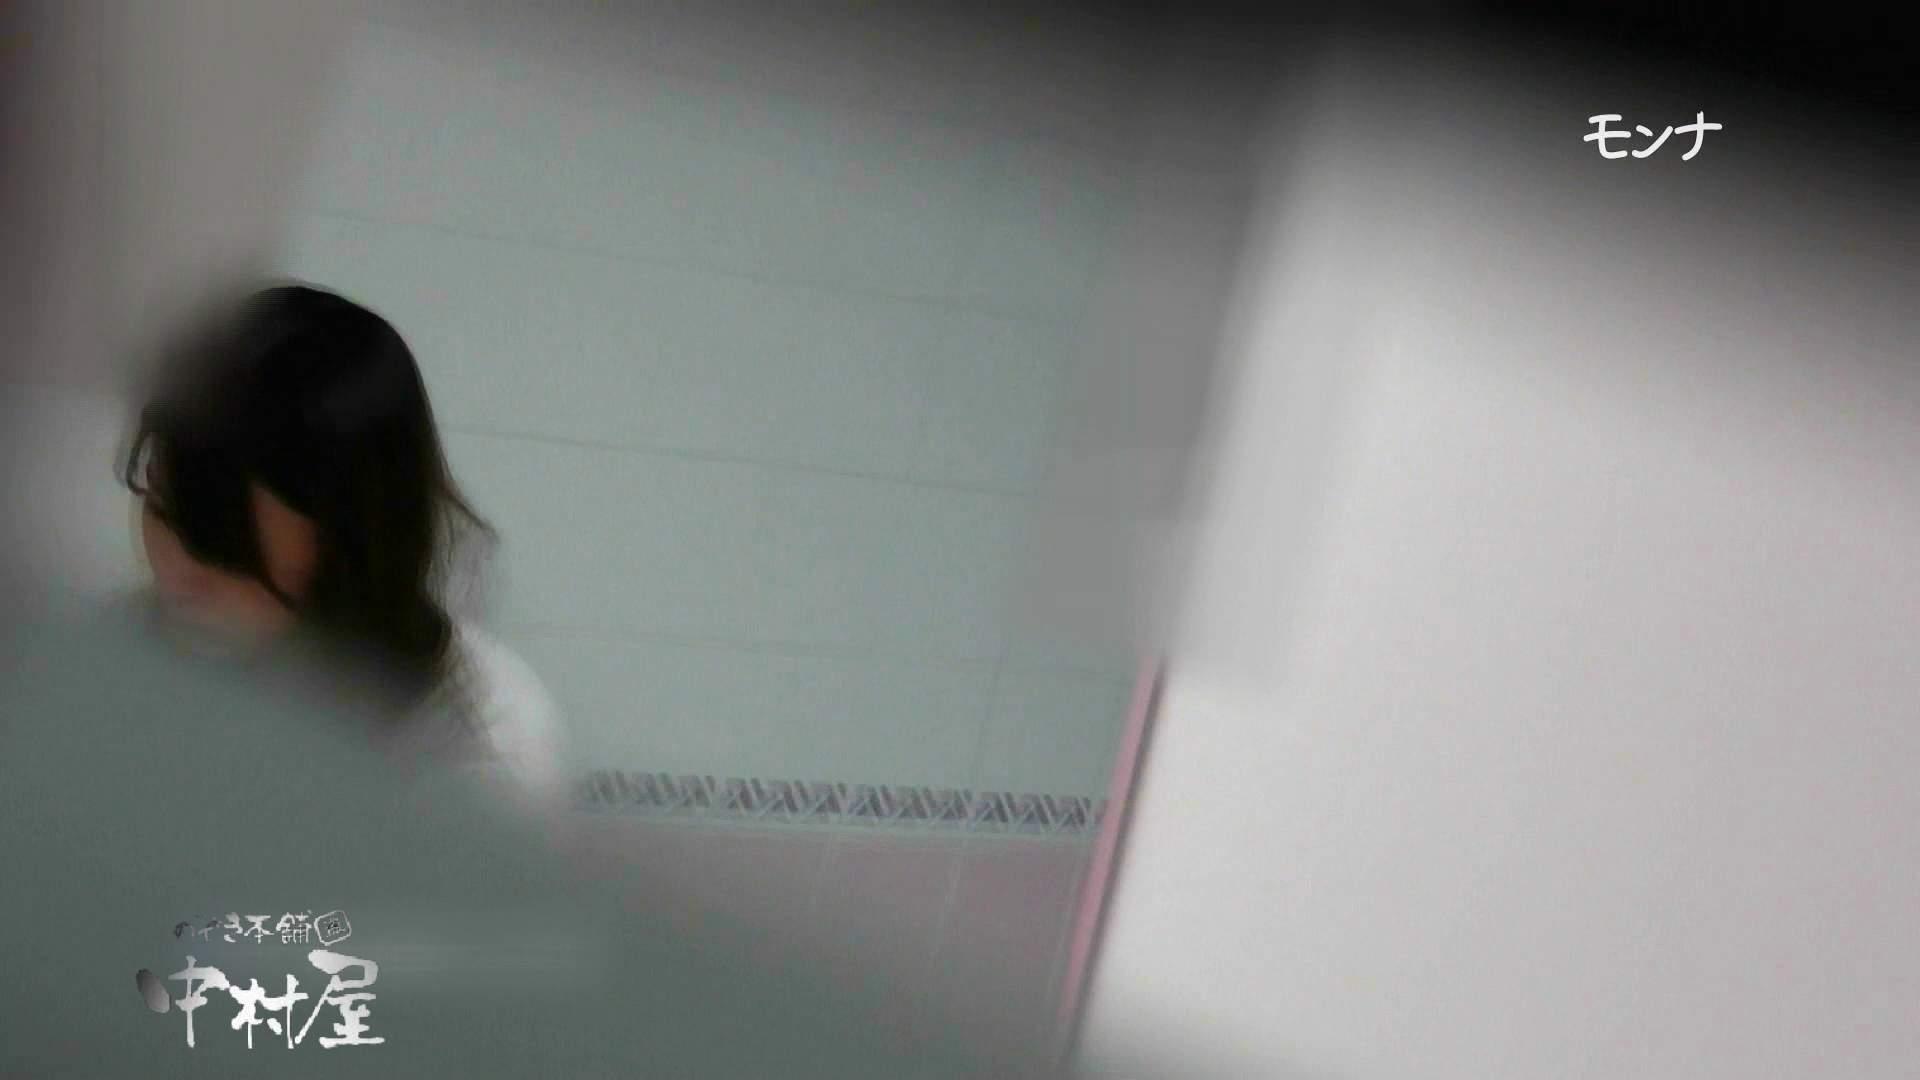 【美しい日本の未来】遂に!!戸田恵梨香似の予告モデル登場ダッシュで「大」前編 おまんこ見放題  75PIX 46